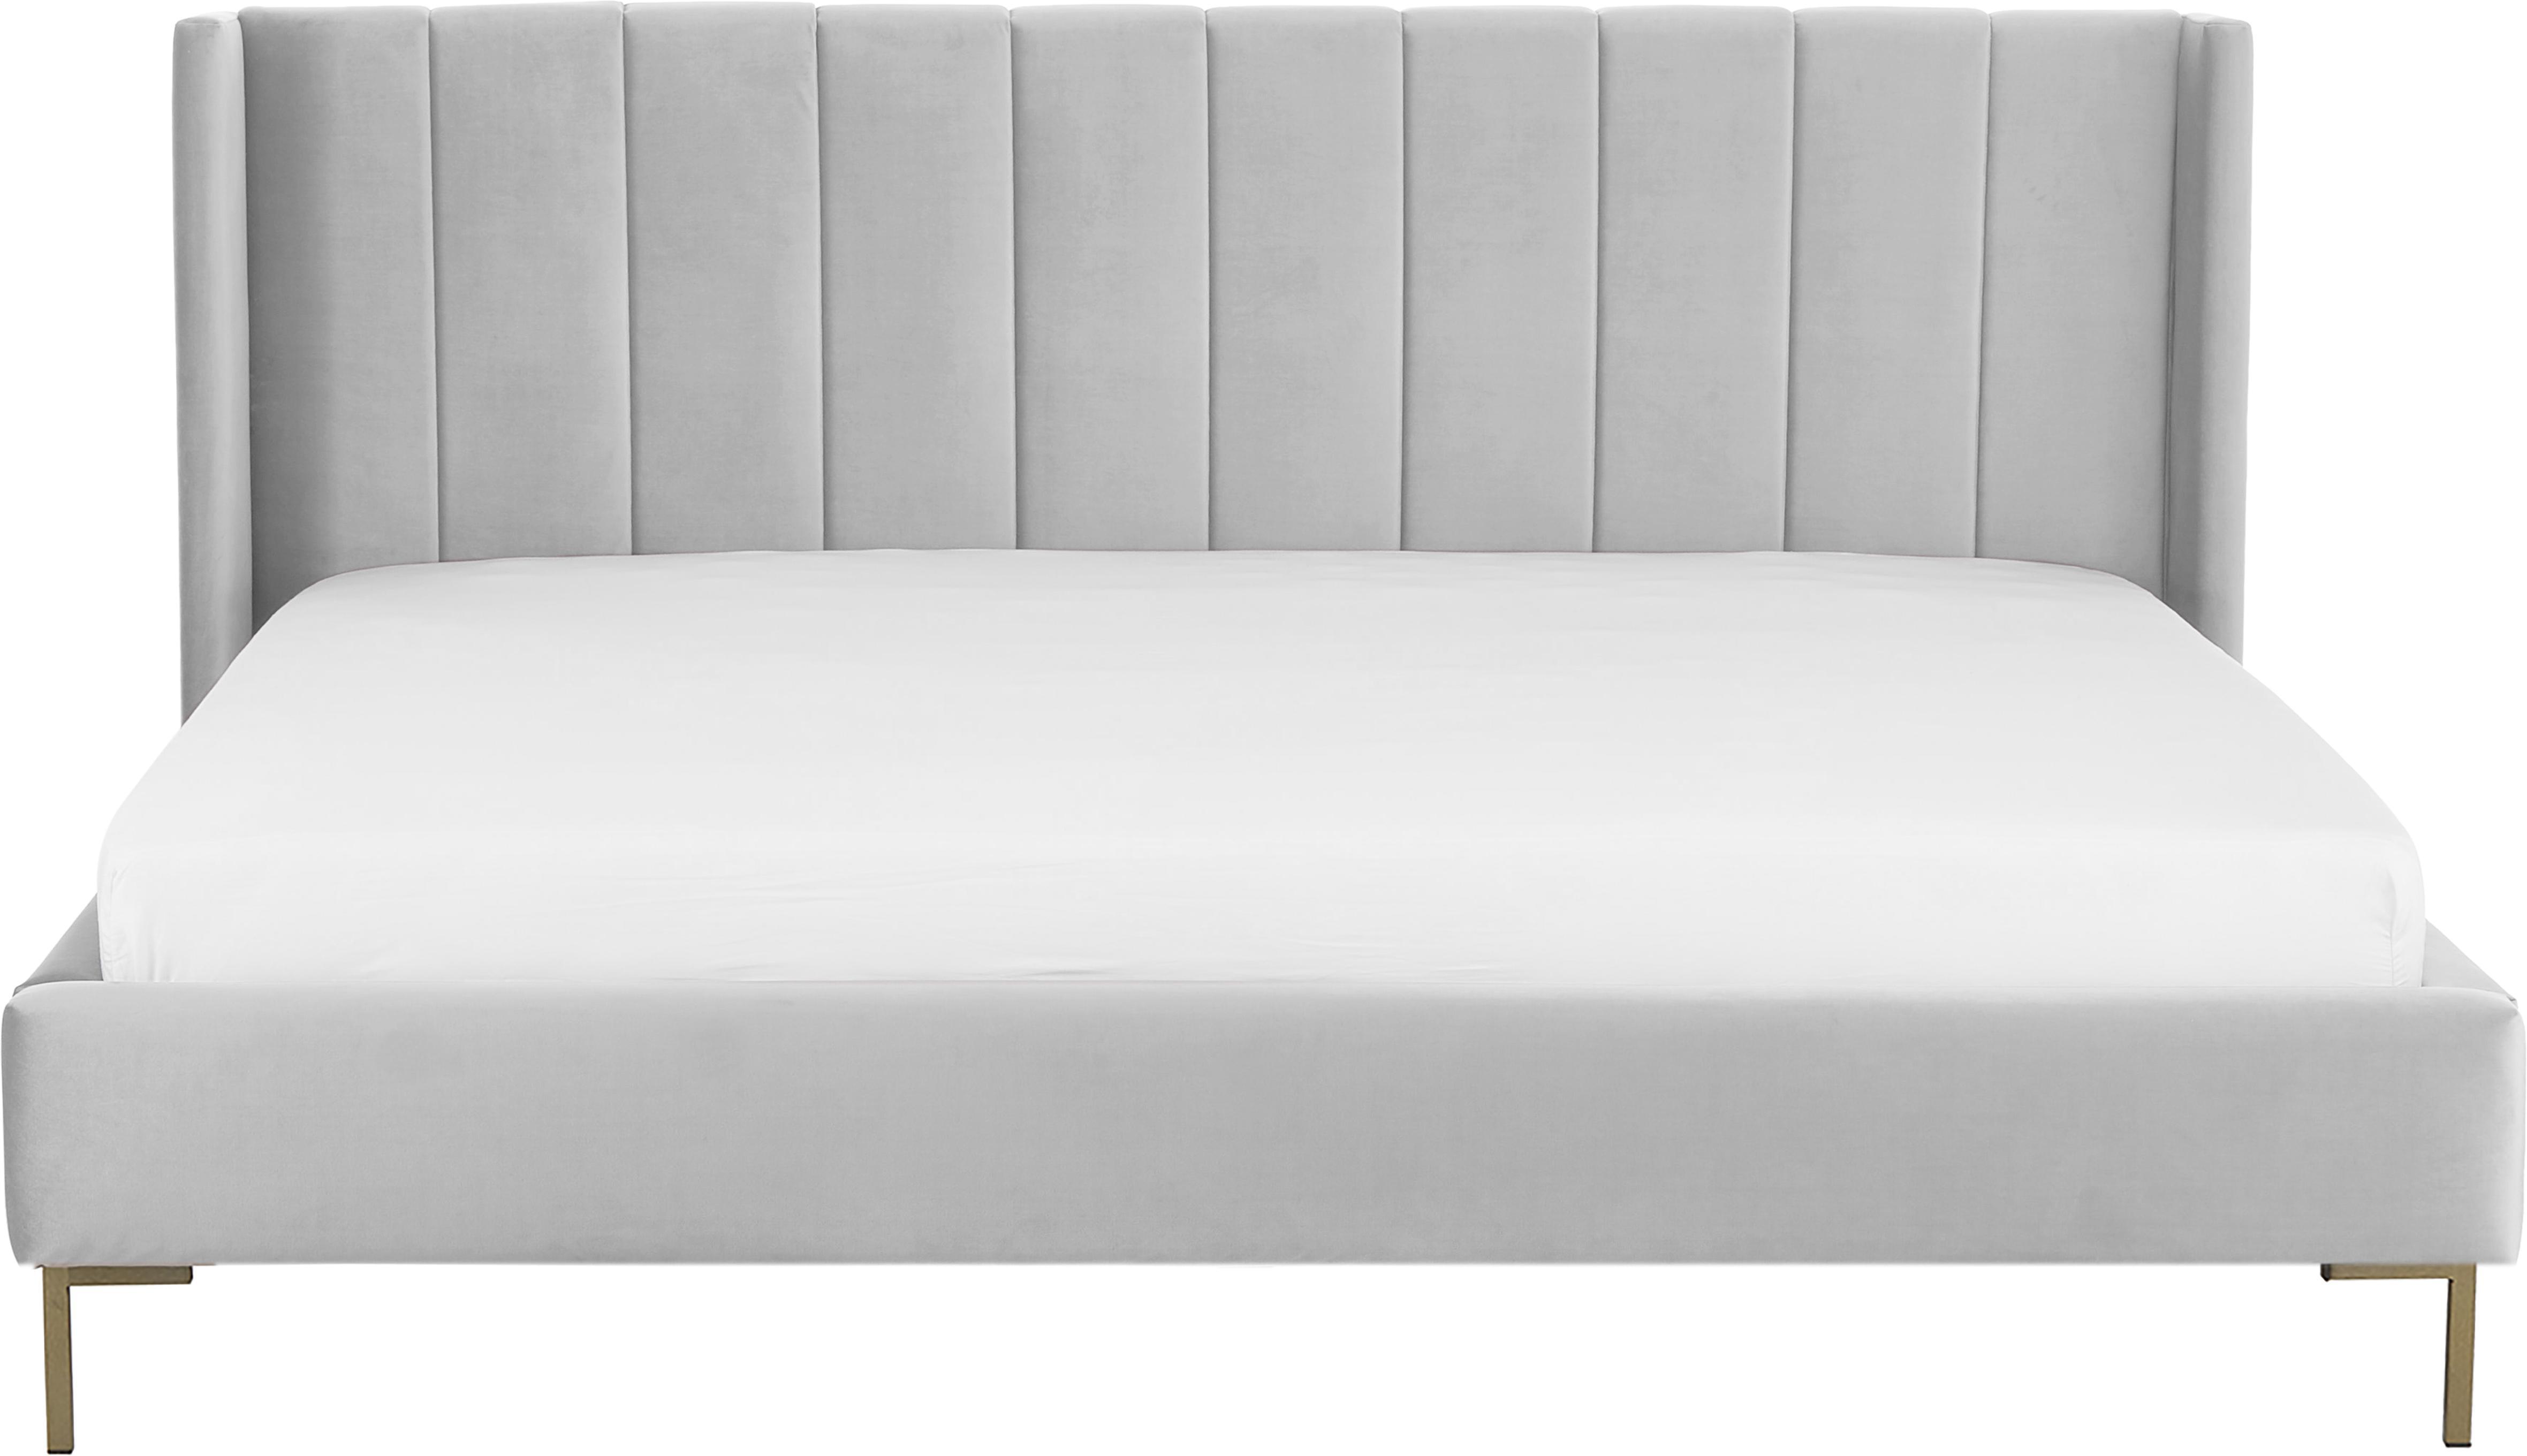 Letto matrimoniale imbottito in velluto Dusk, Piedini: metallo verniciato a polv, Rivestimento: velluto di poliestere 30., Grigio chiaro, Larg. 180 x Lung. 200 cm